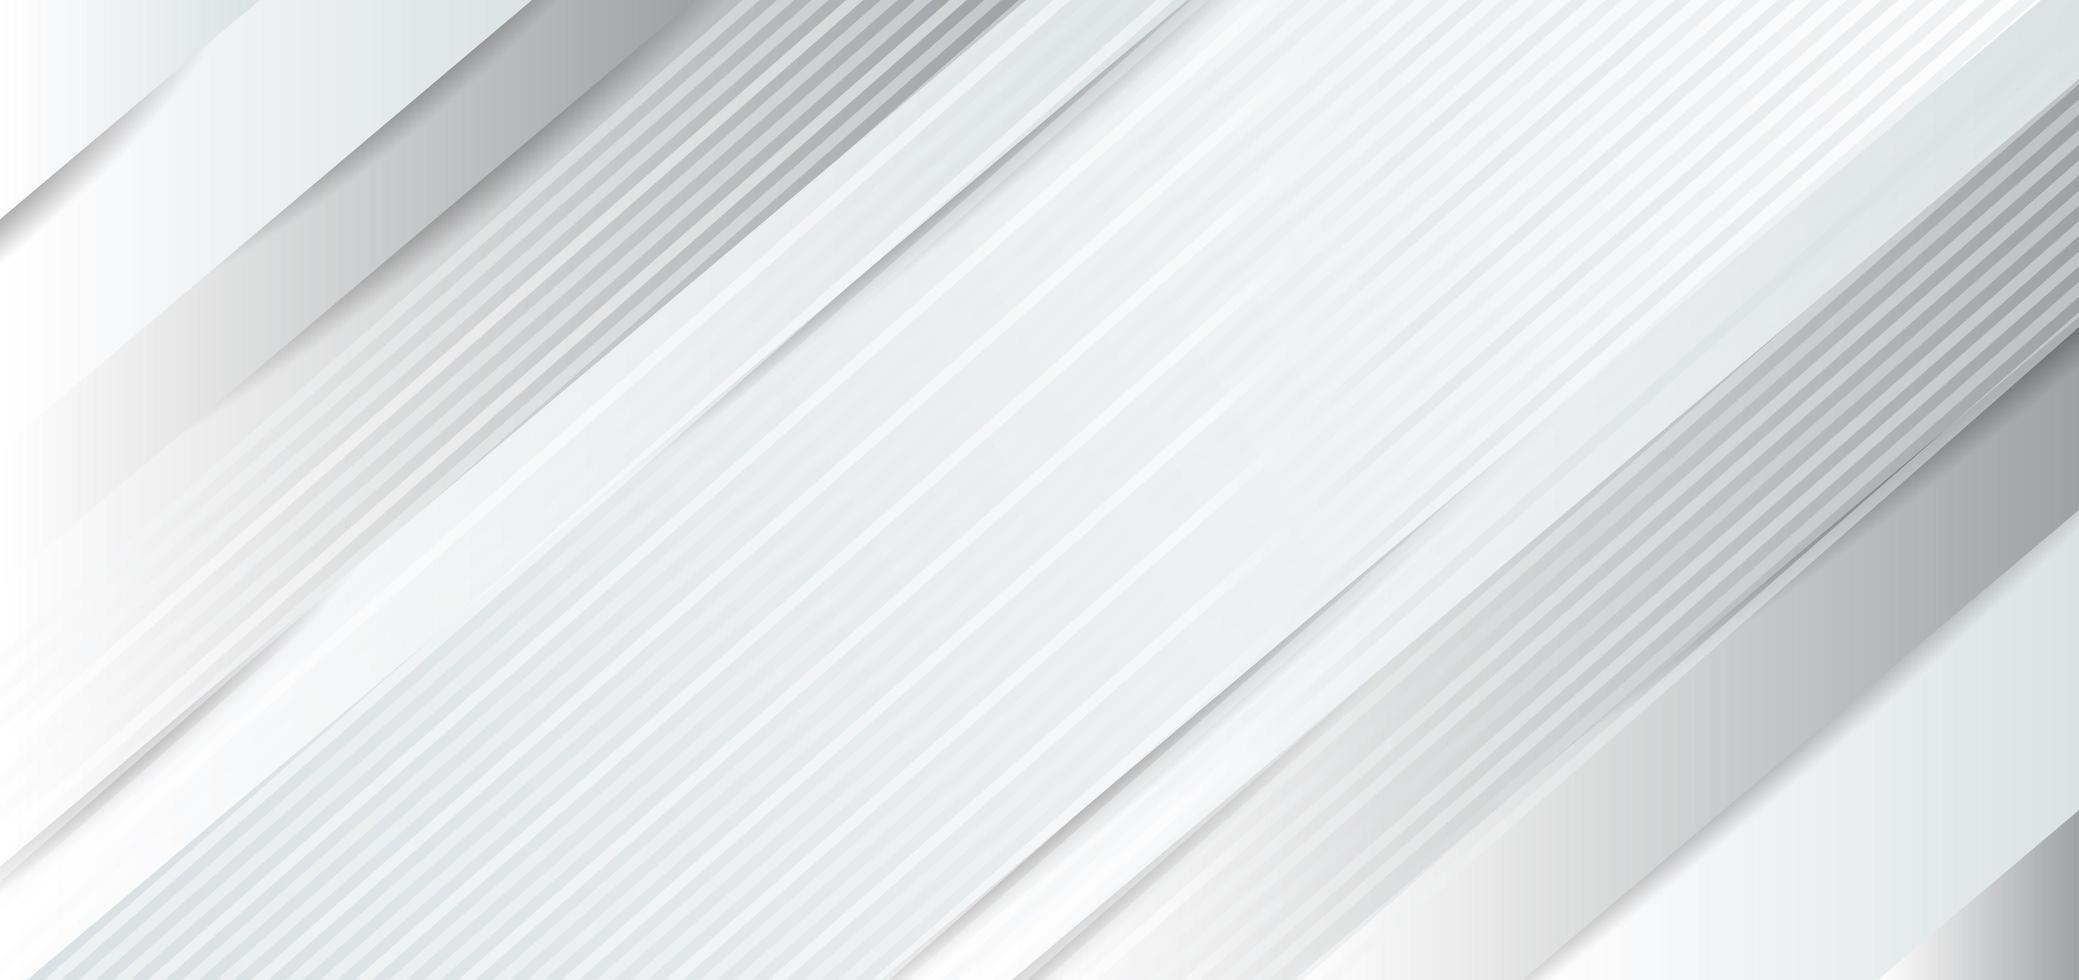 papel de fondo abstracto blanco, gris brillo y capas vector